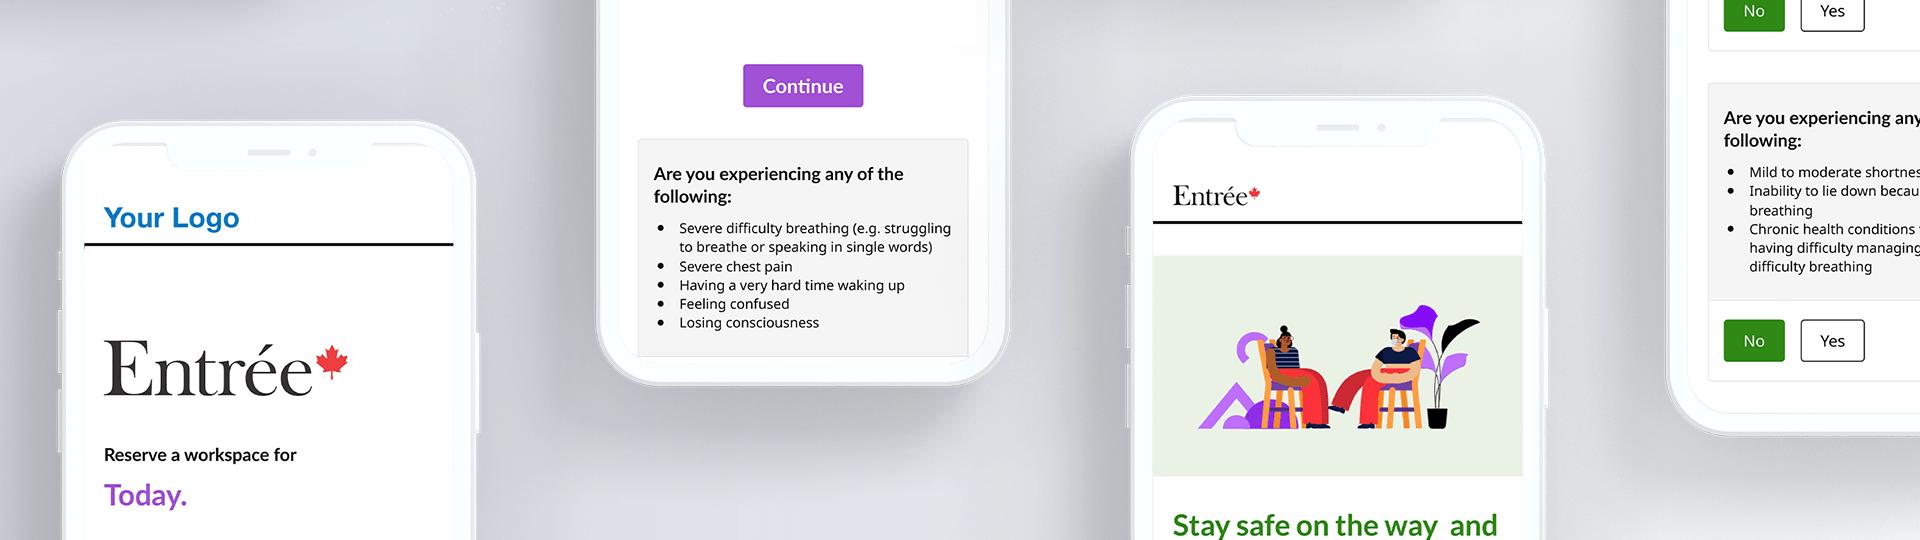 Entree app